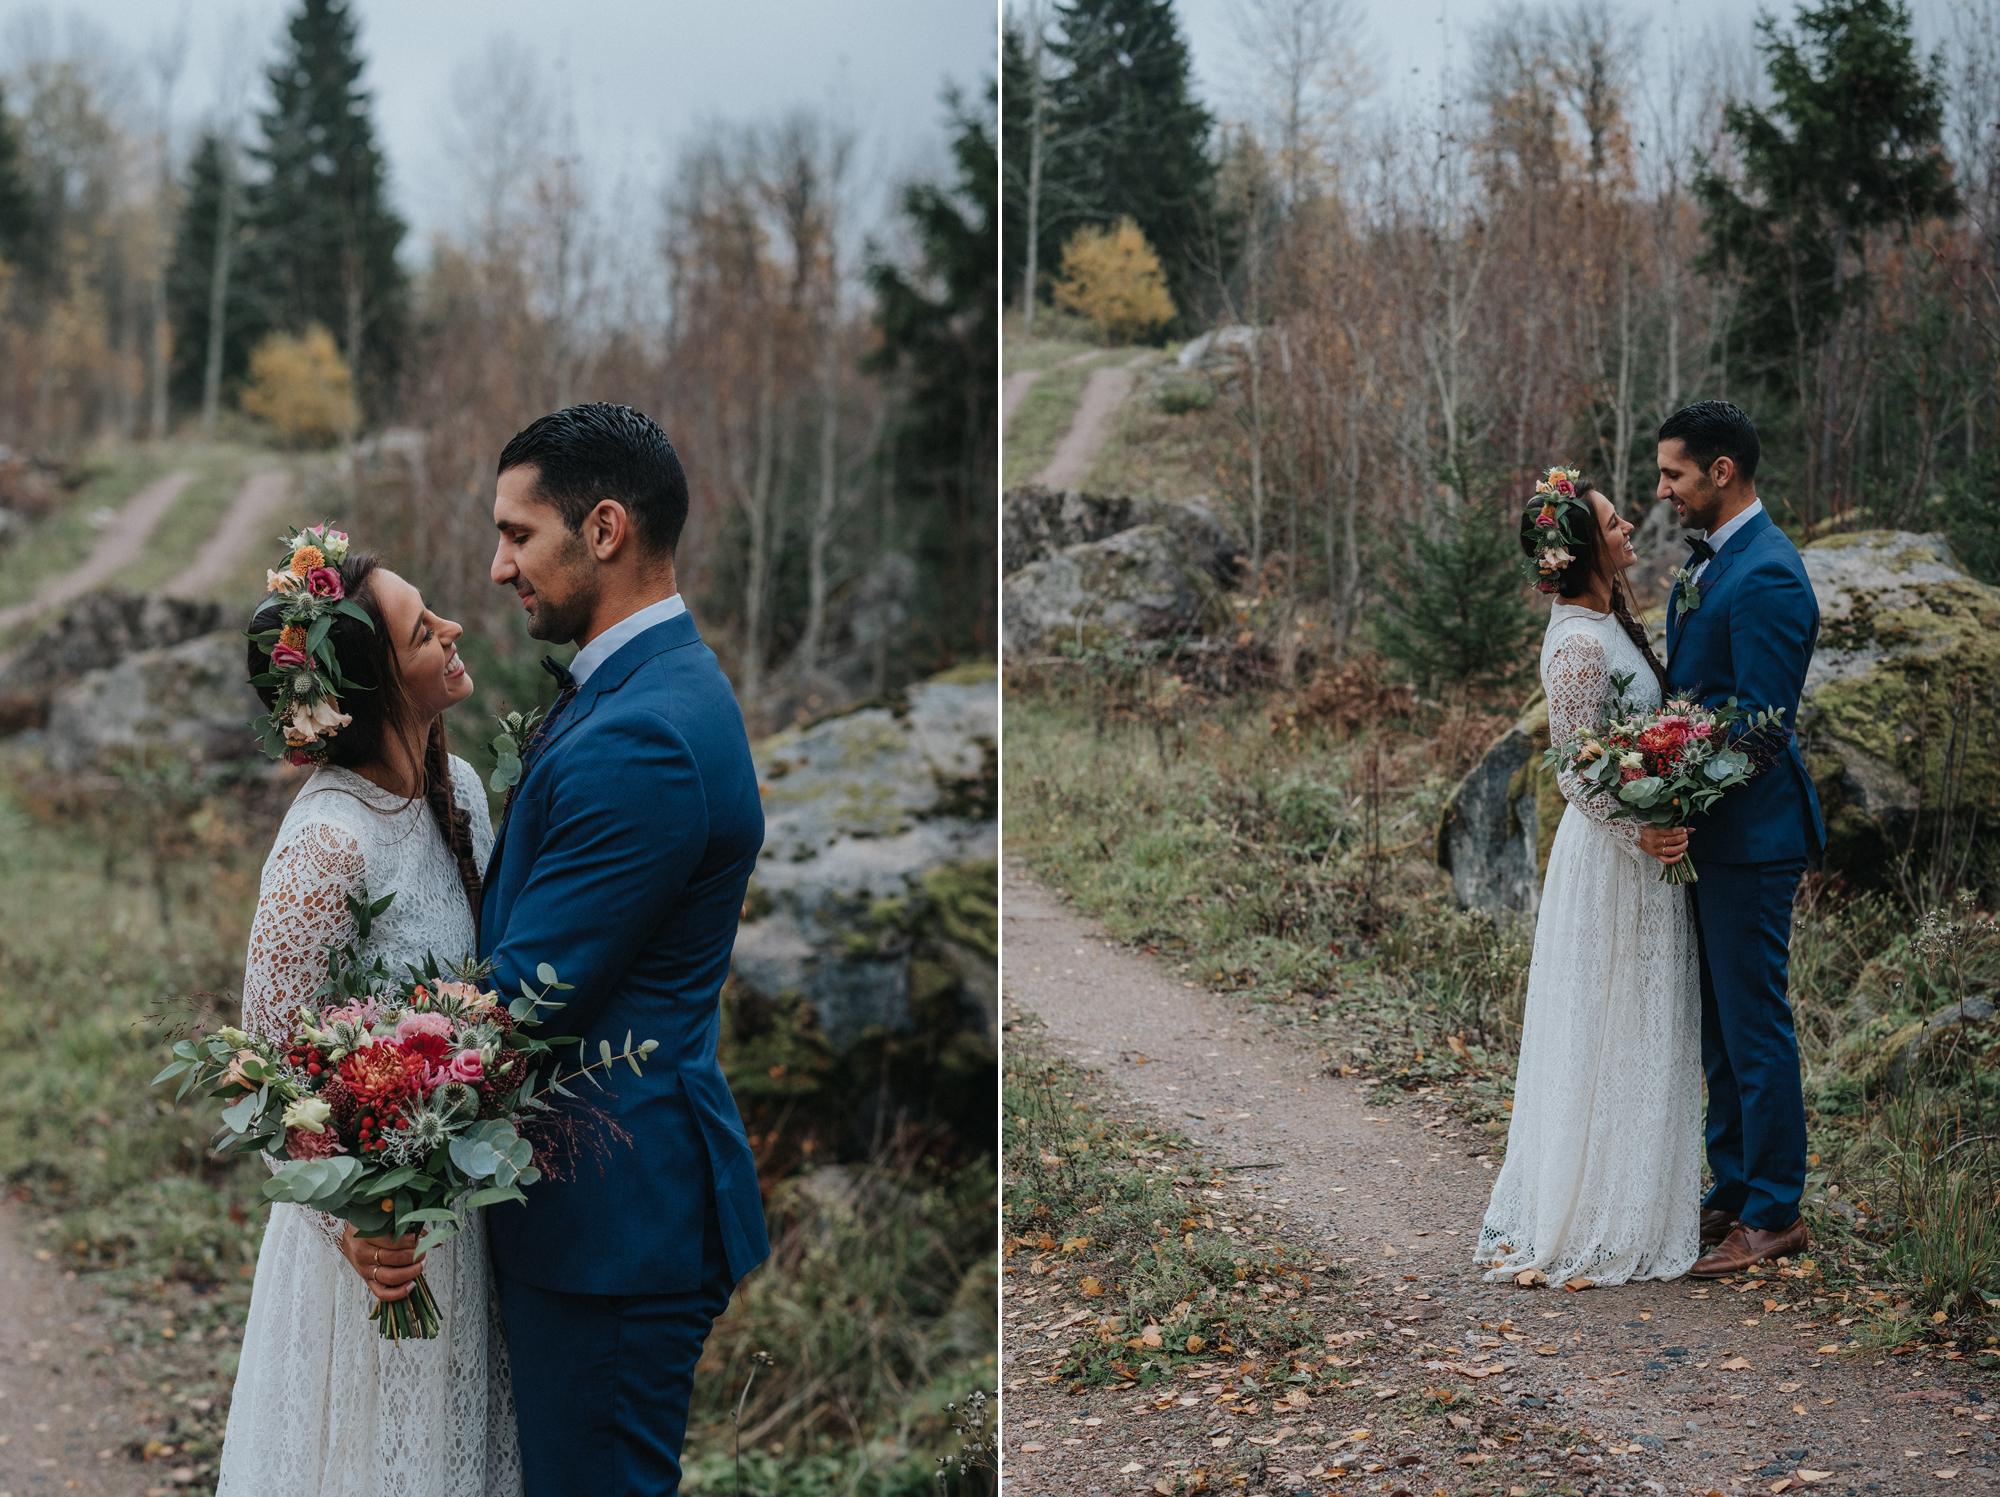 012-bröllopsfotograf-uppsala-neas-fotografi.jpg